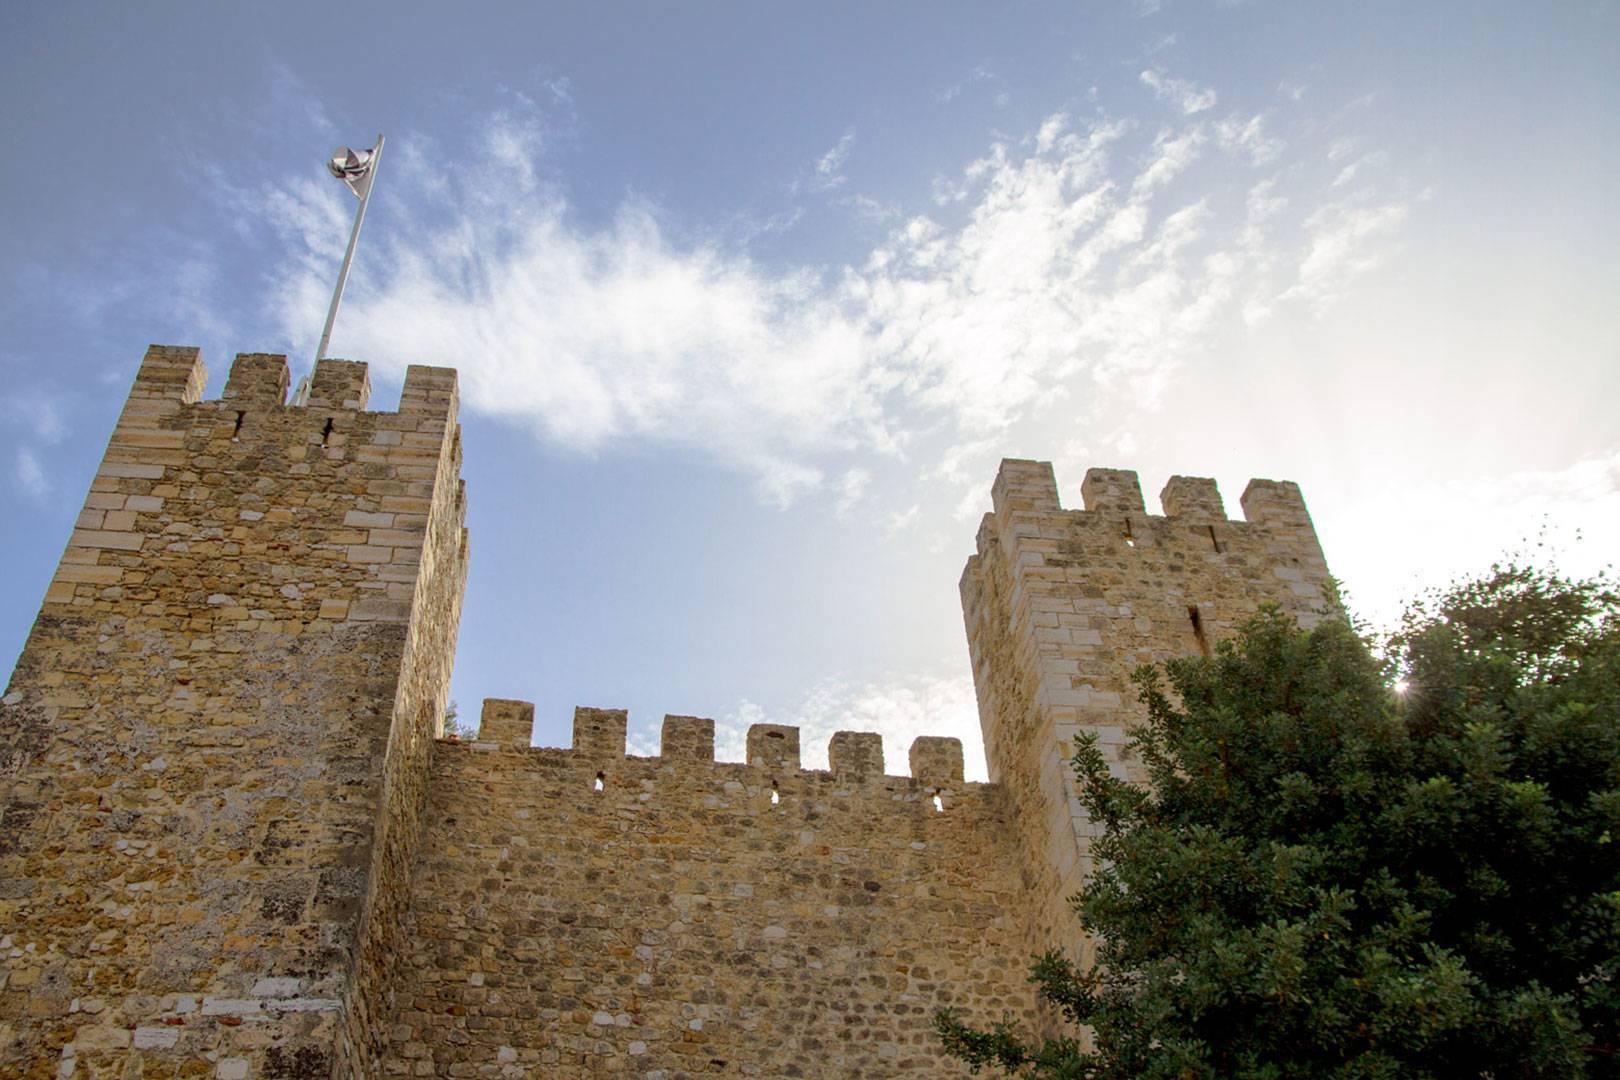 Photo 1: Château Saint-Georges - Lisbonne